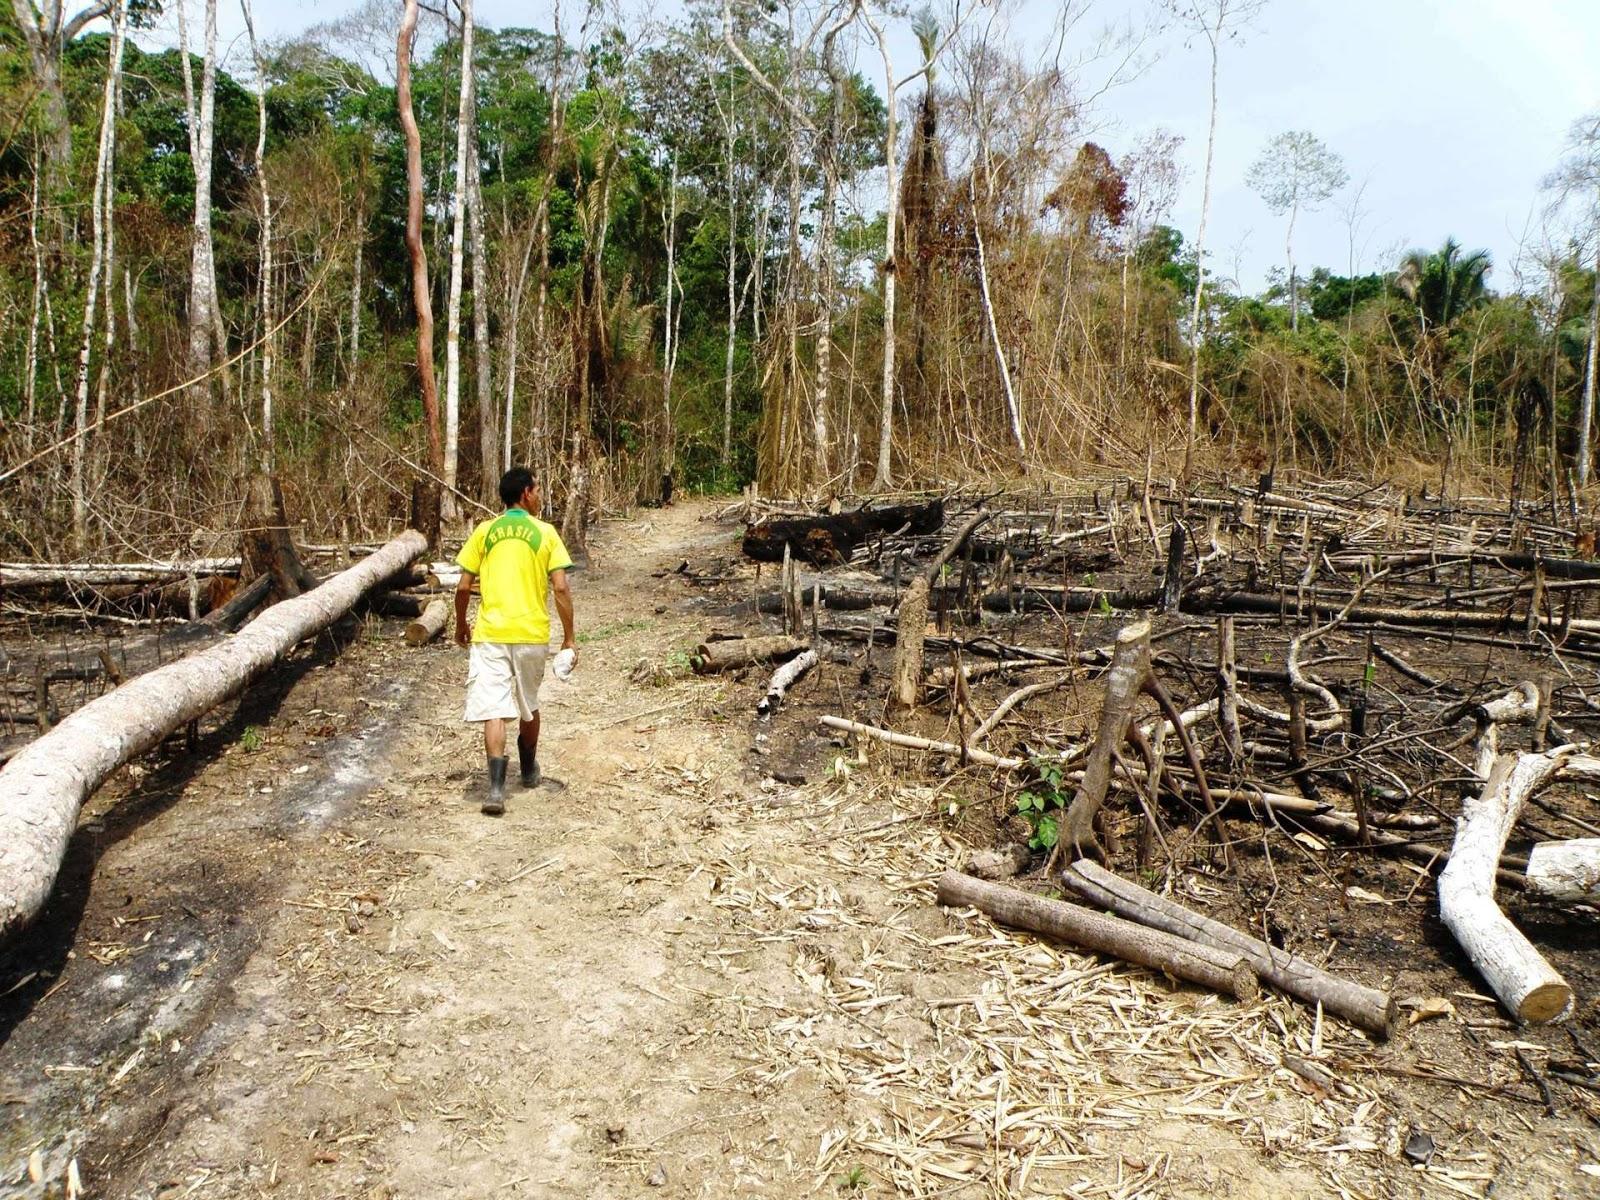 Desmatamento gerou 2.539 ações na Justiça em 2017, mas nenhuma condenação